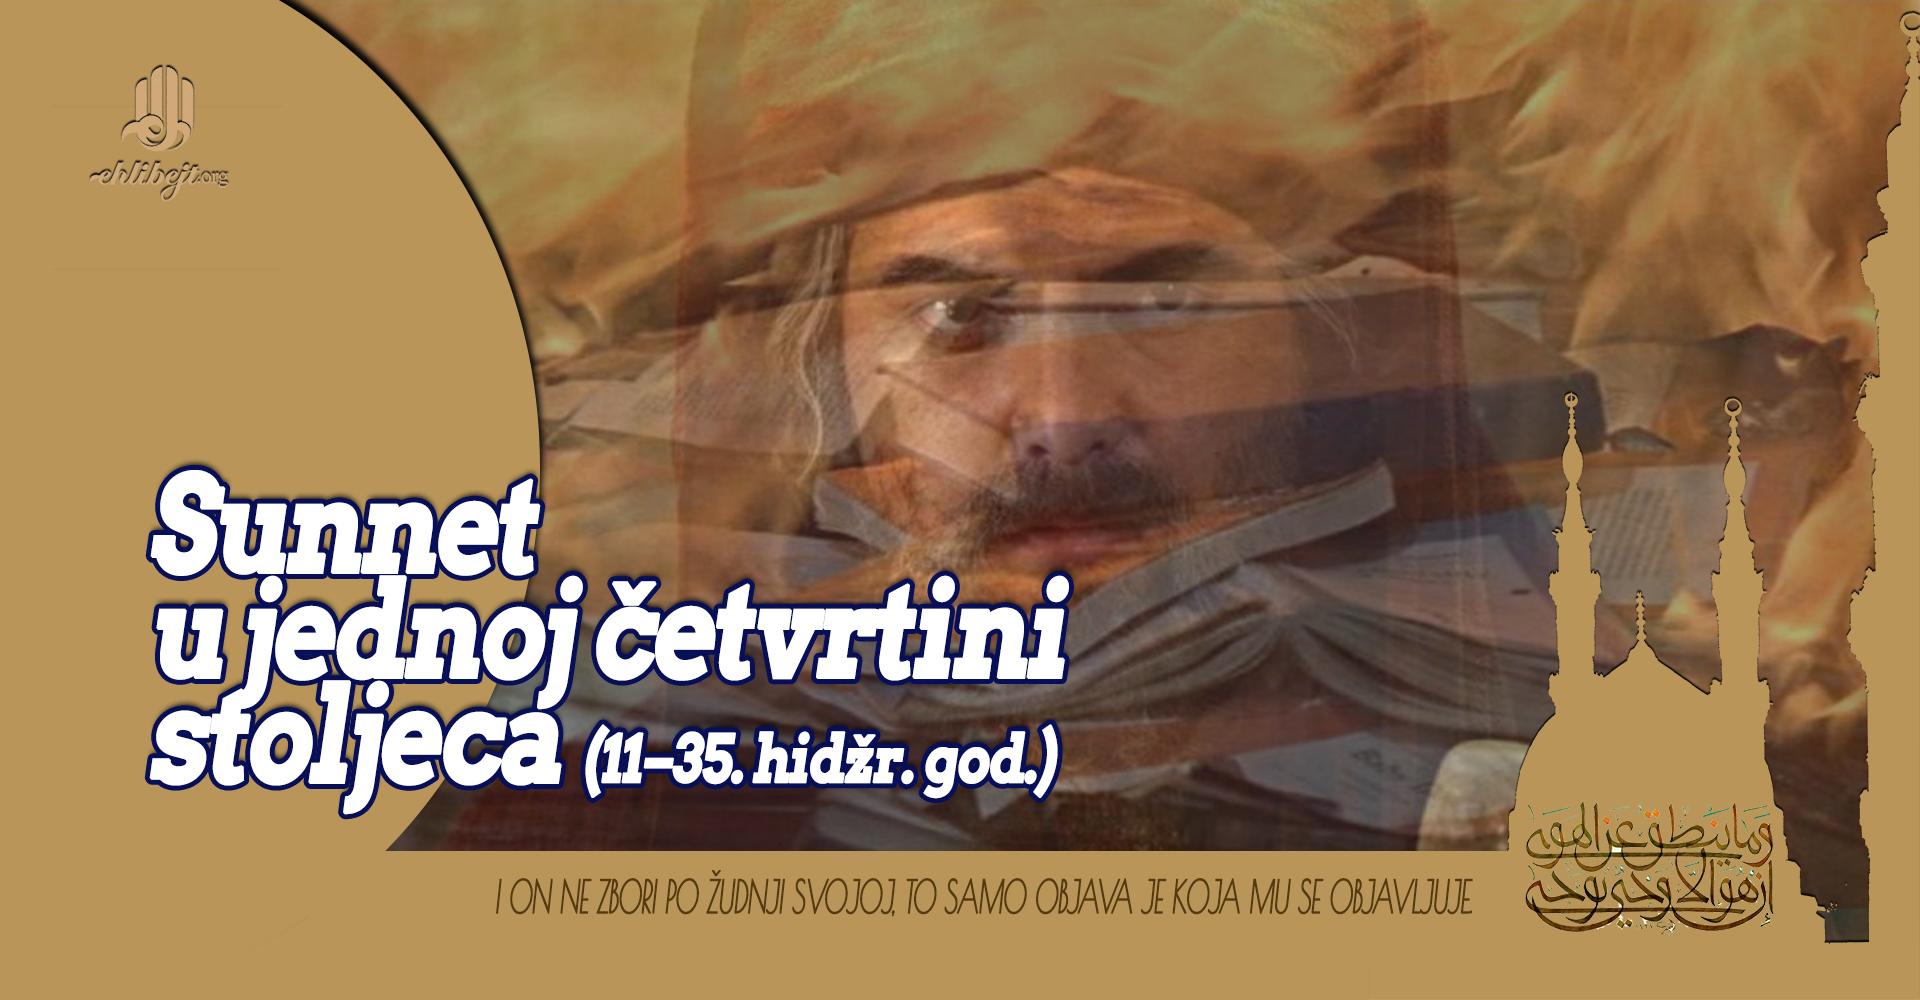 Sunnet u jednoj četvrtini stoljeća (11–35. hidžr. god.)